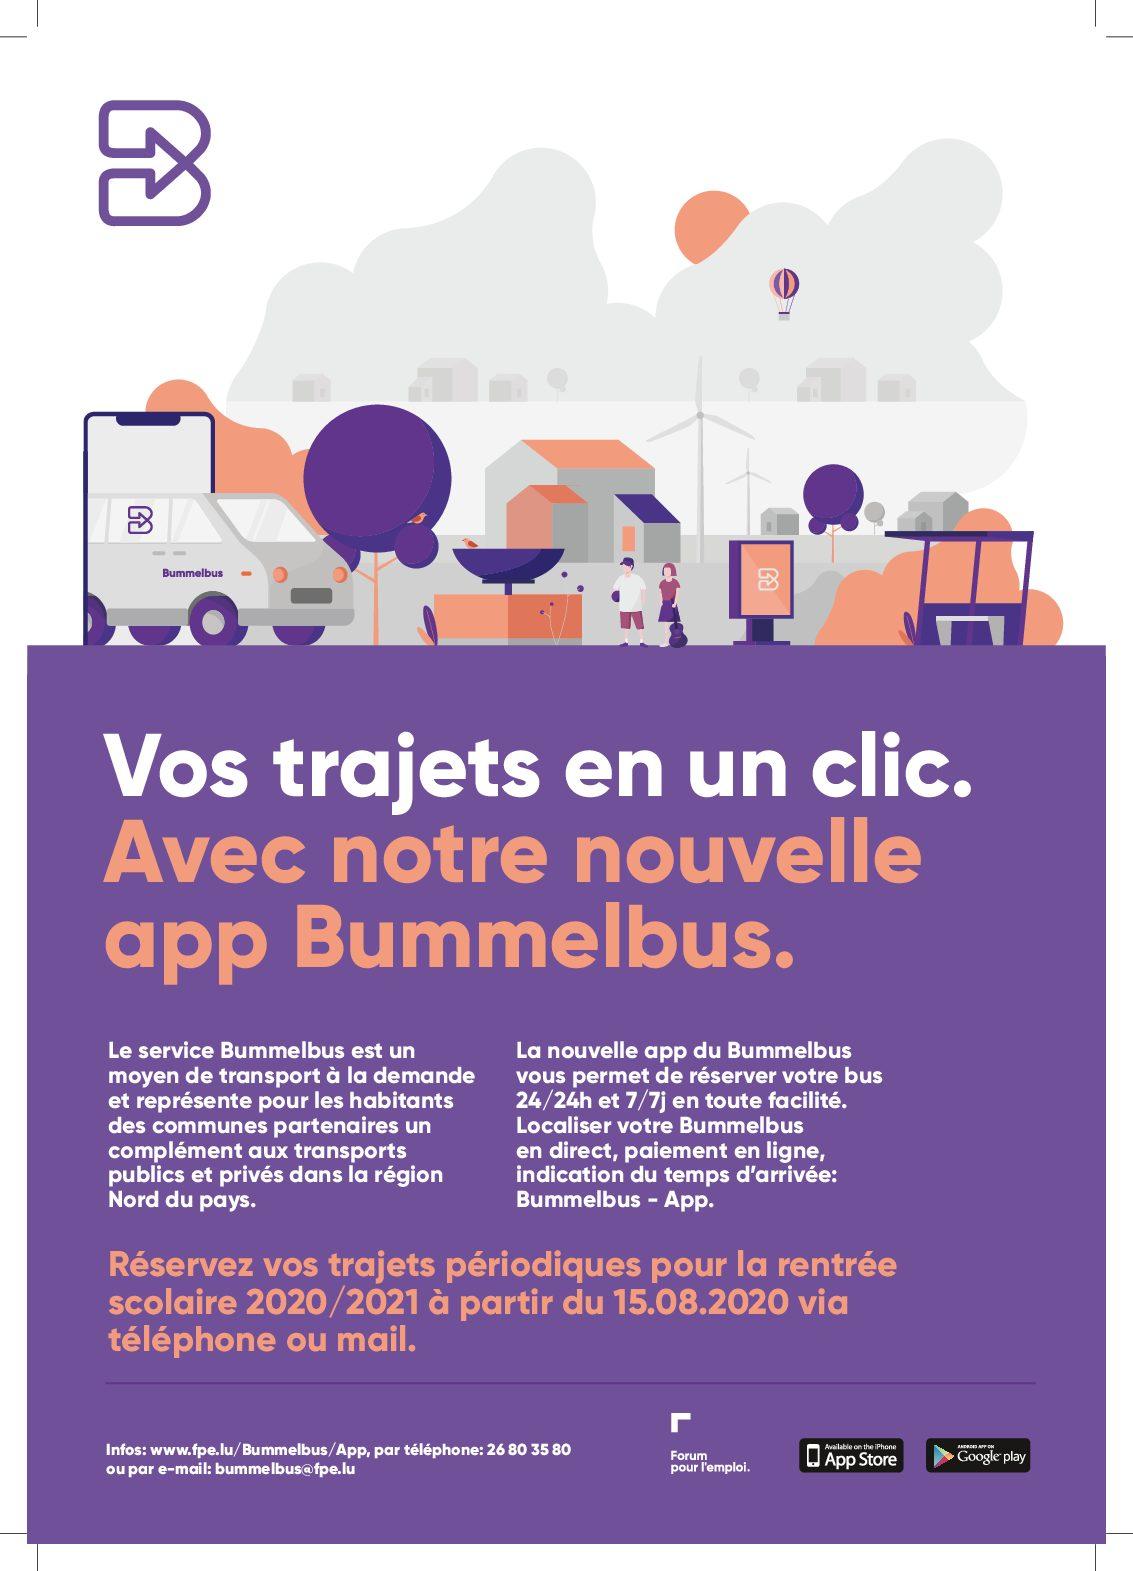 Bummelbus